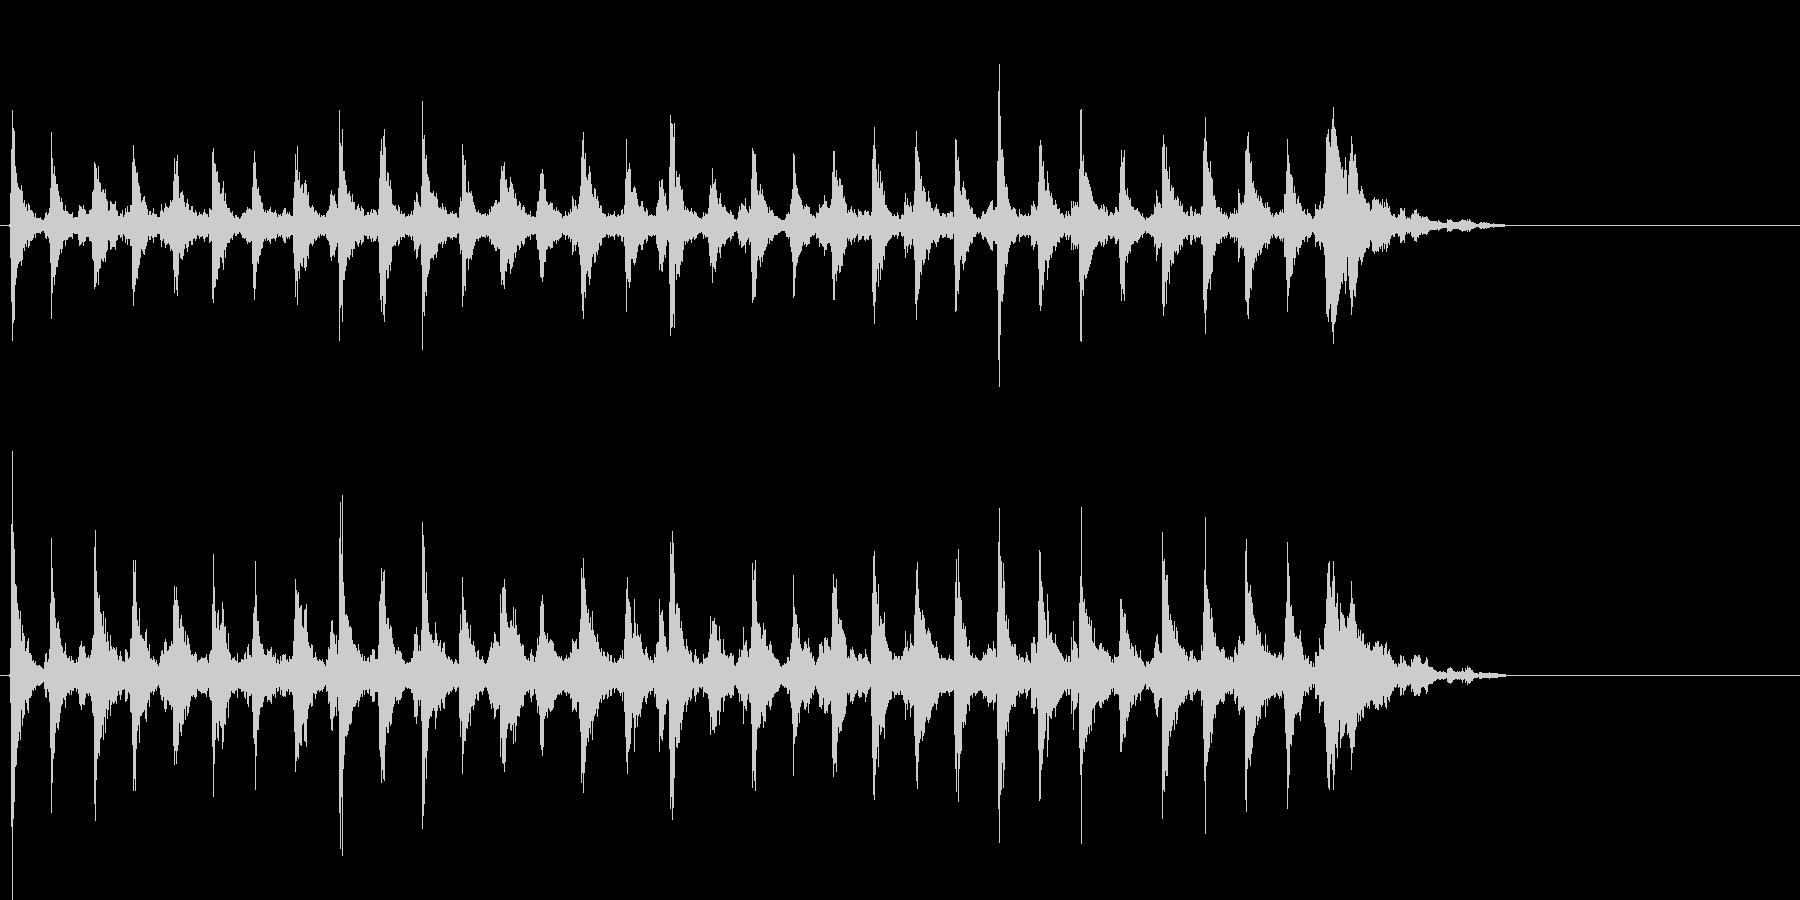 Xmasに最適トナカイベルのループ音02の未再生の波形